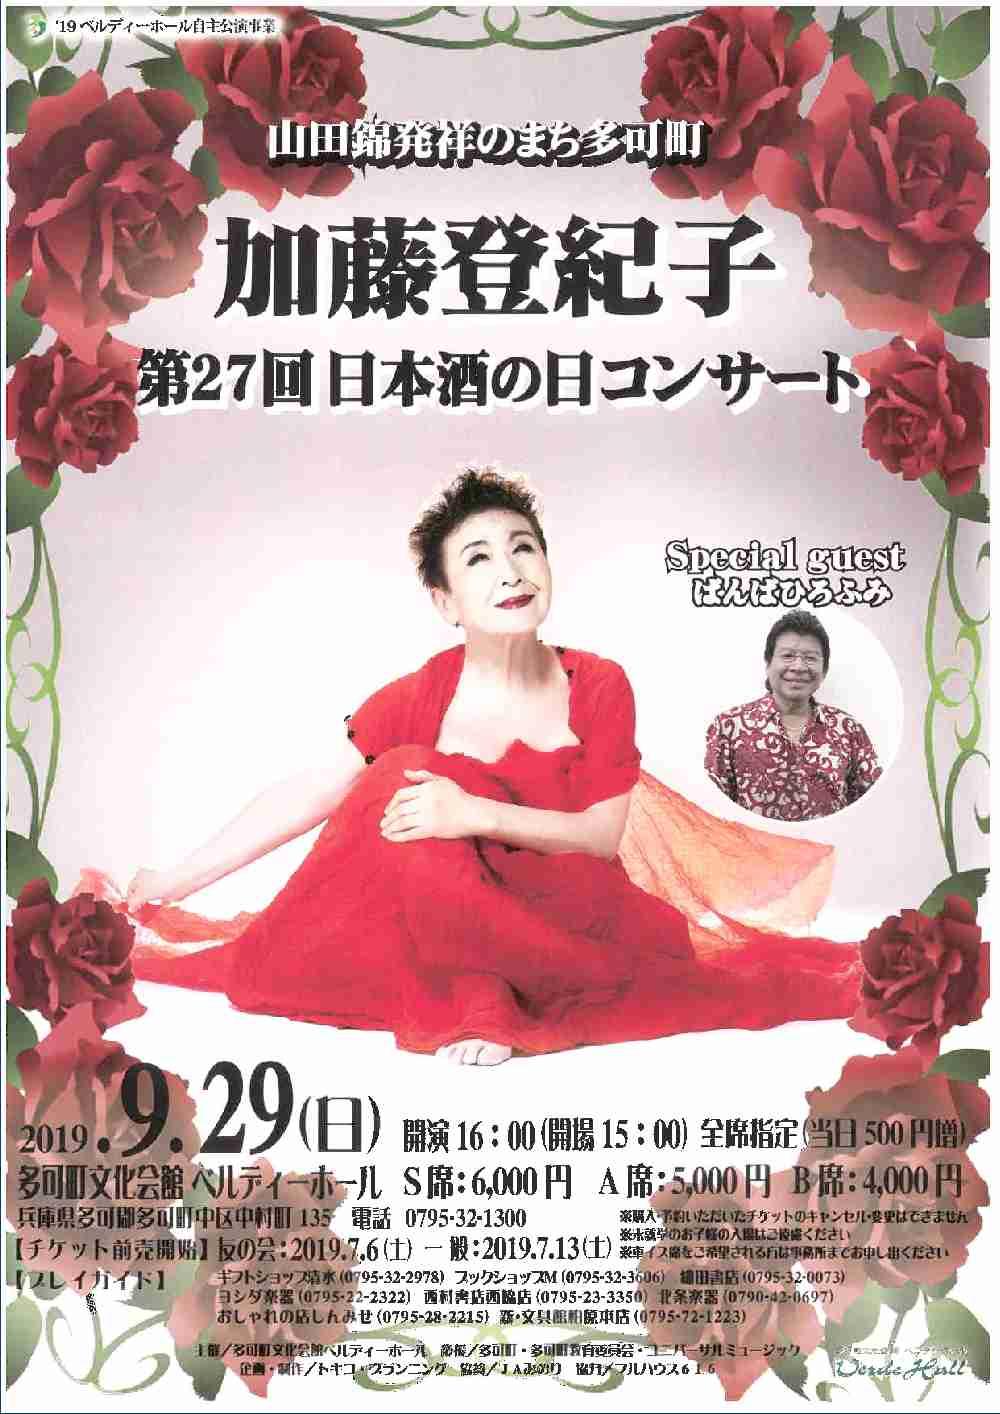 9/29 第27回加藤登紀子日本酒の日コンサート:ベルディーホール